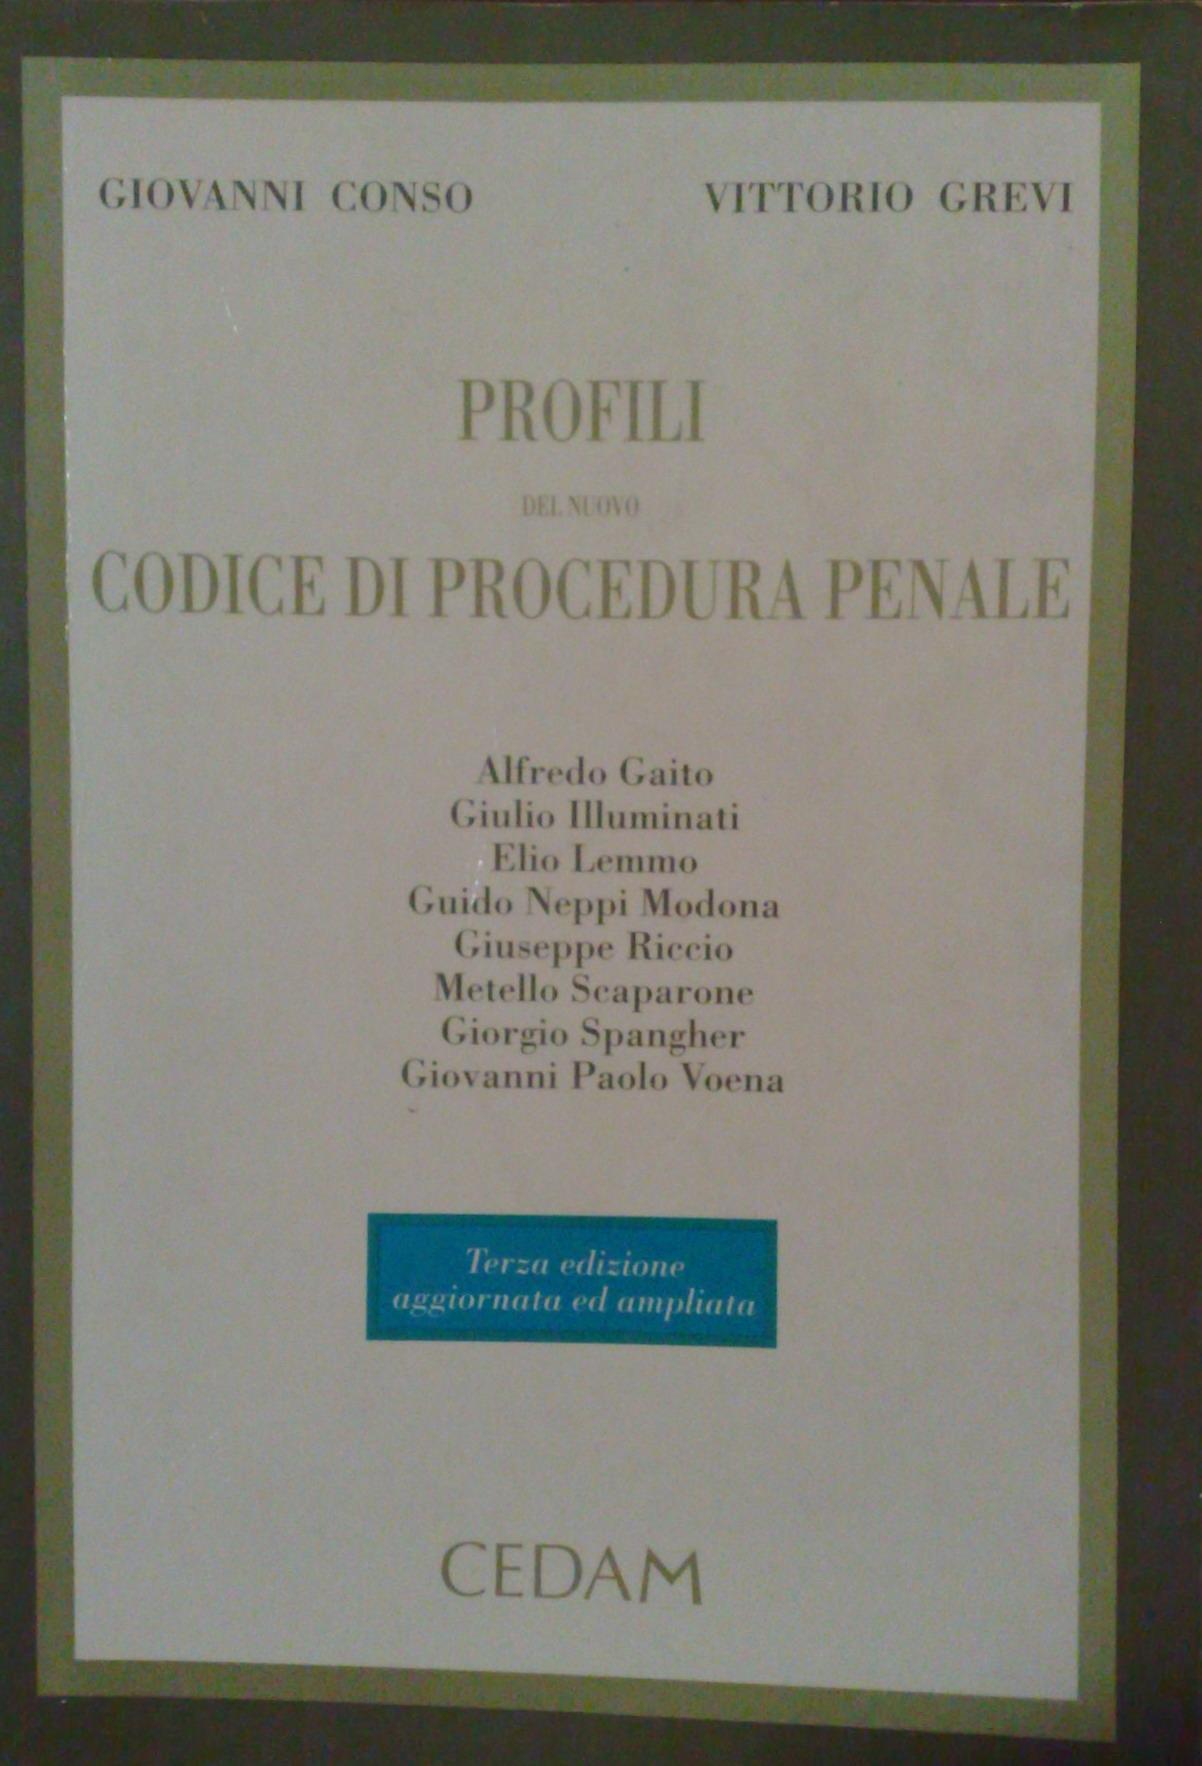 Profili del nuovo codice di procedura penale